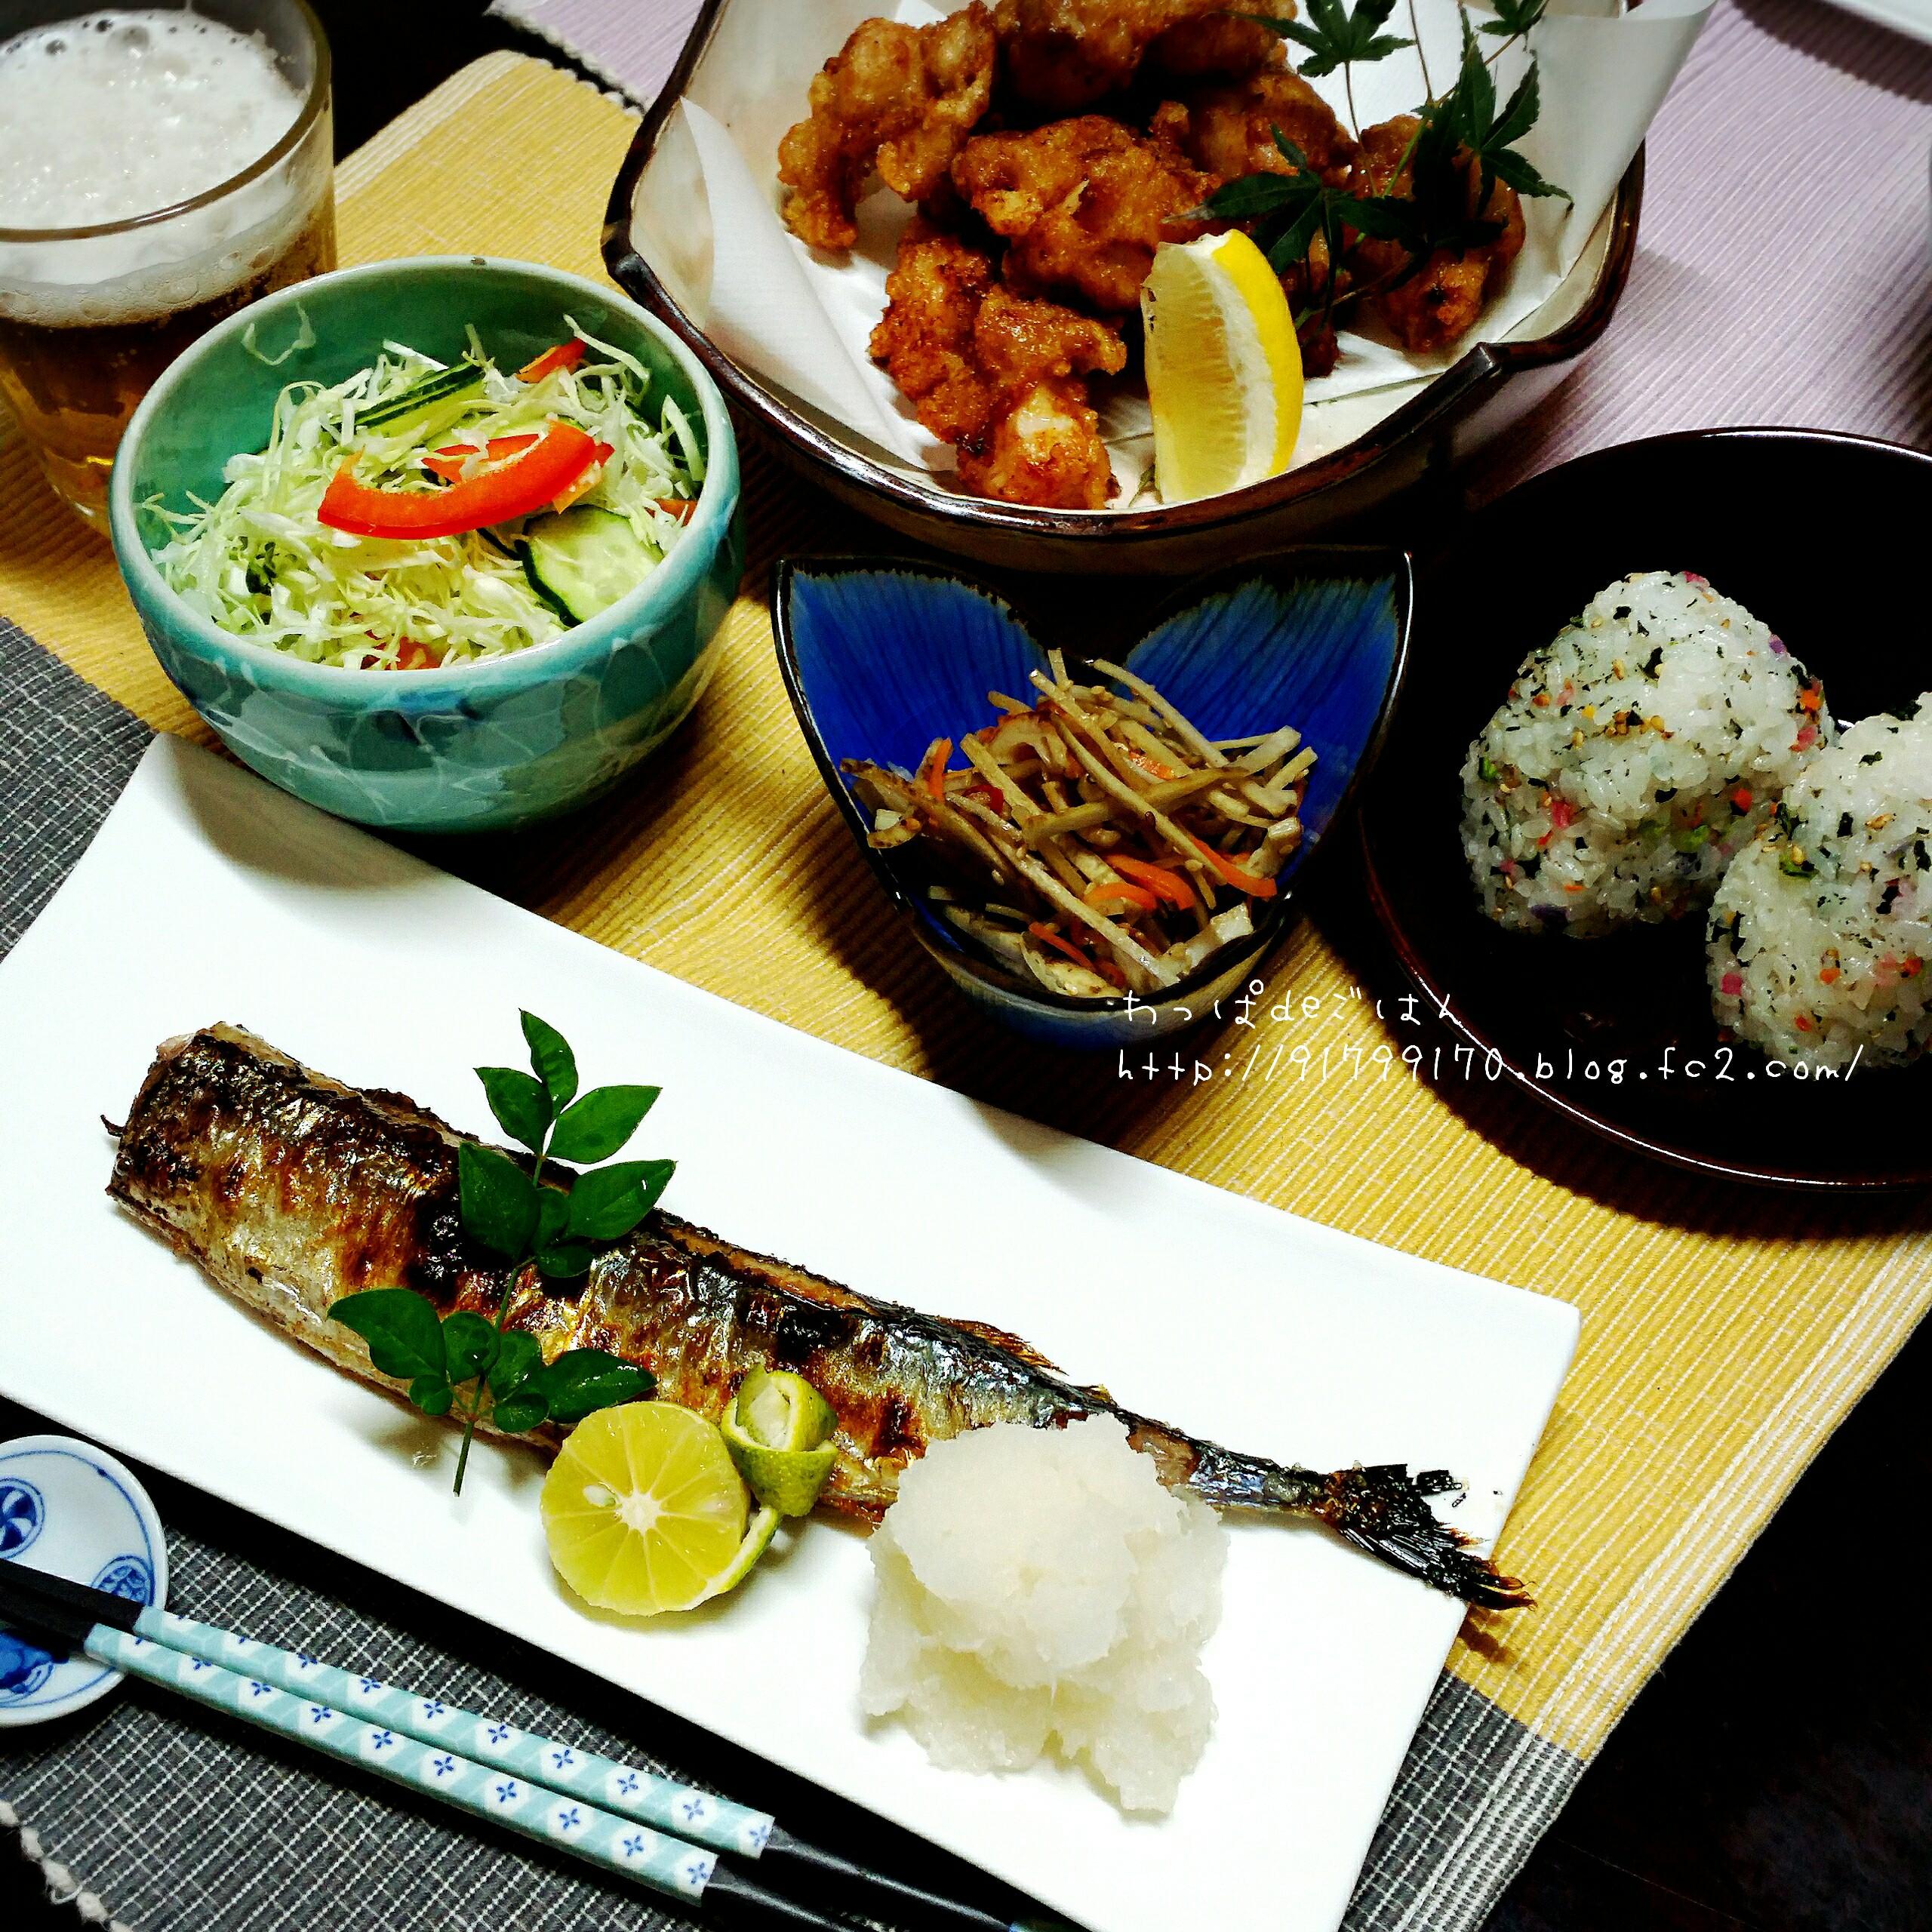 唐揚げと秋刀魚の塩焼きの晩ごはん